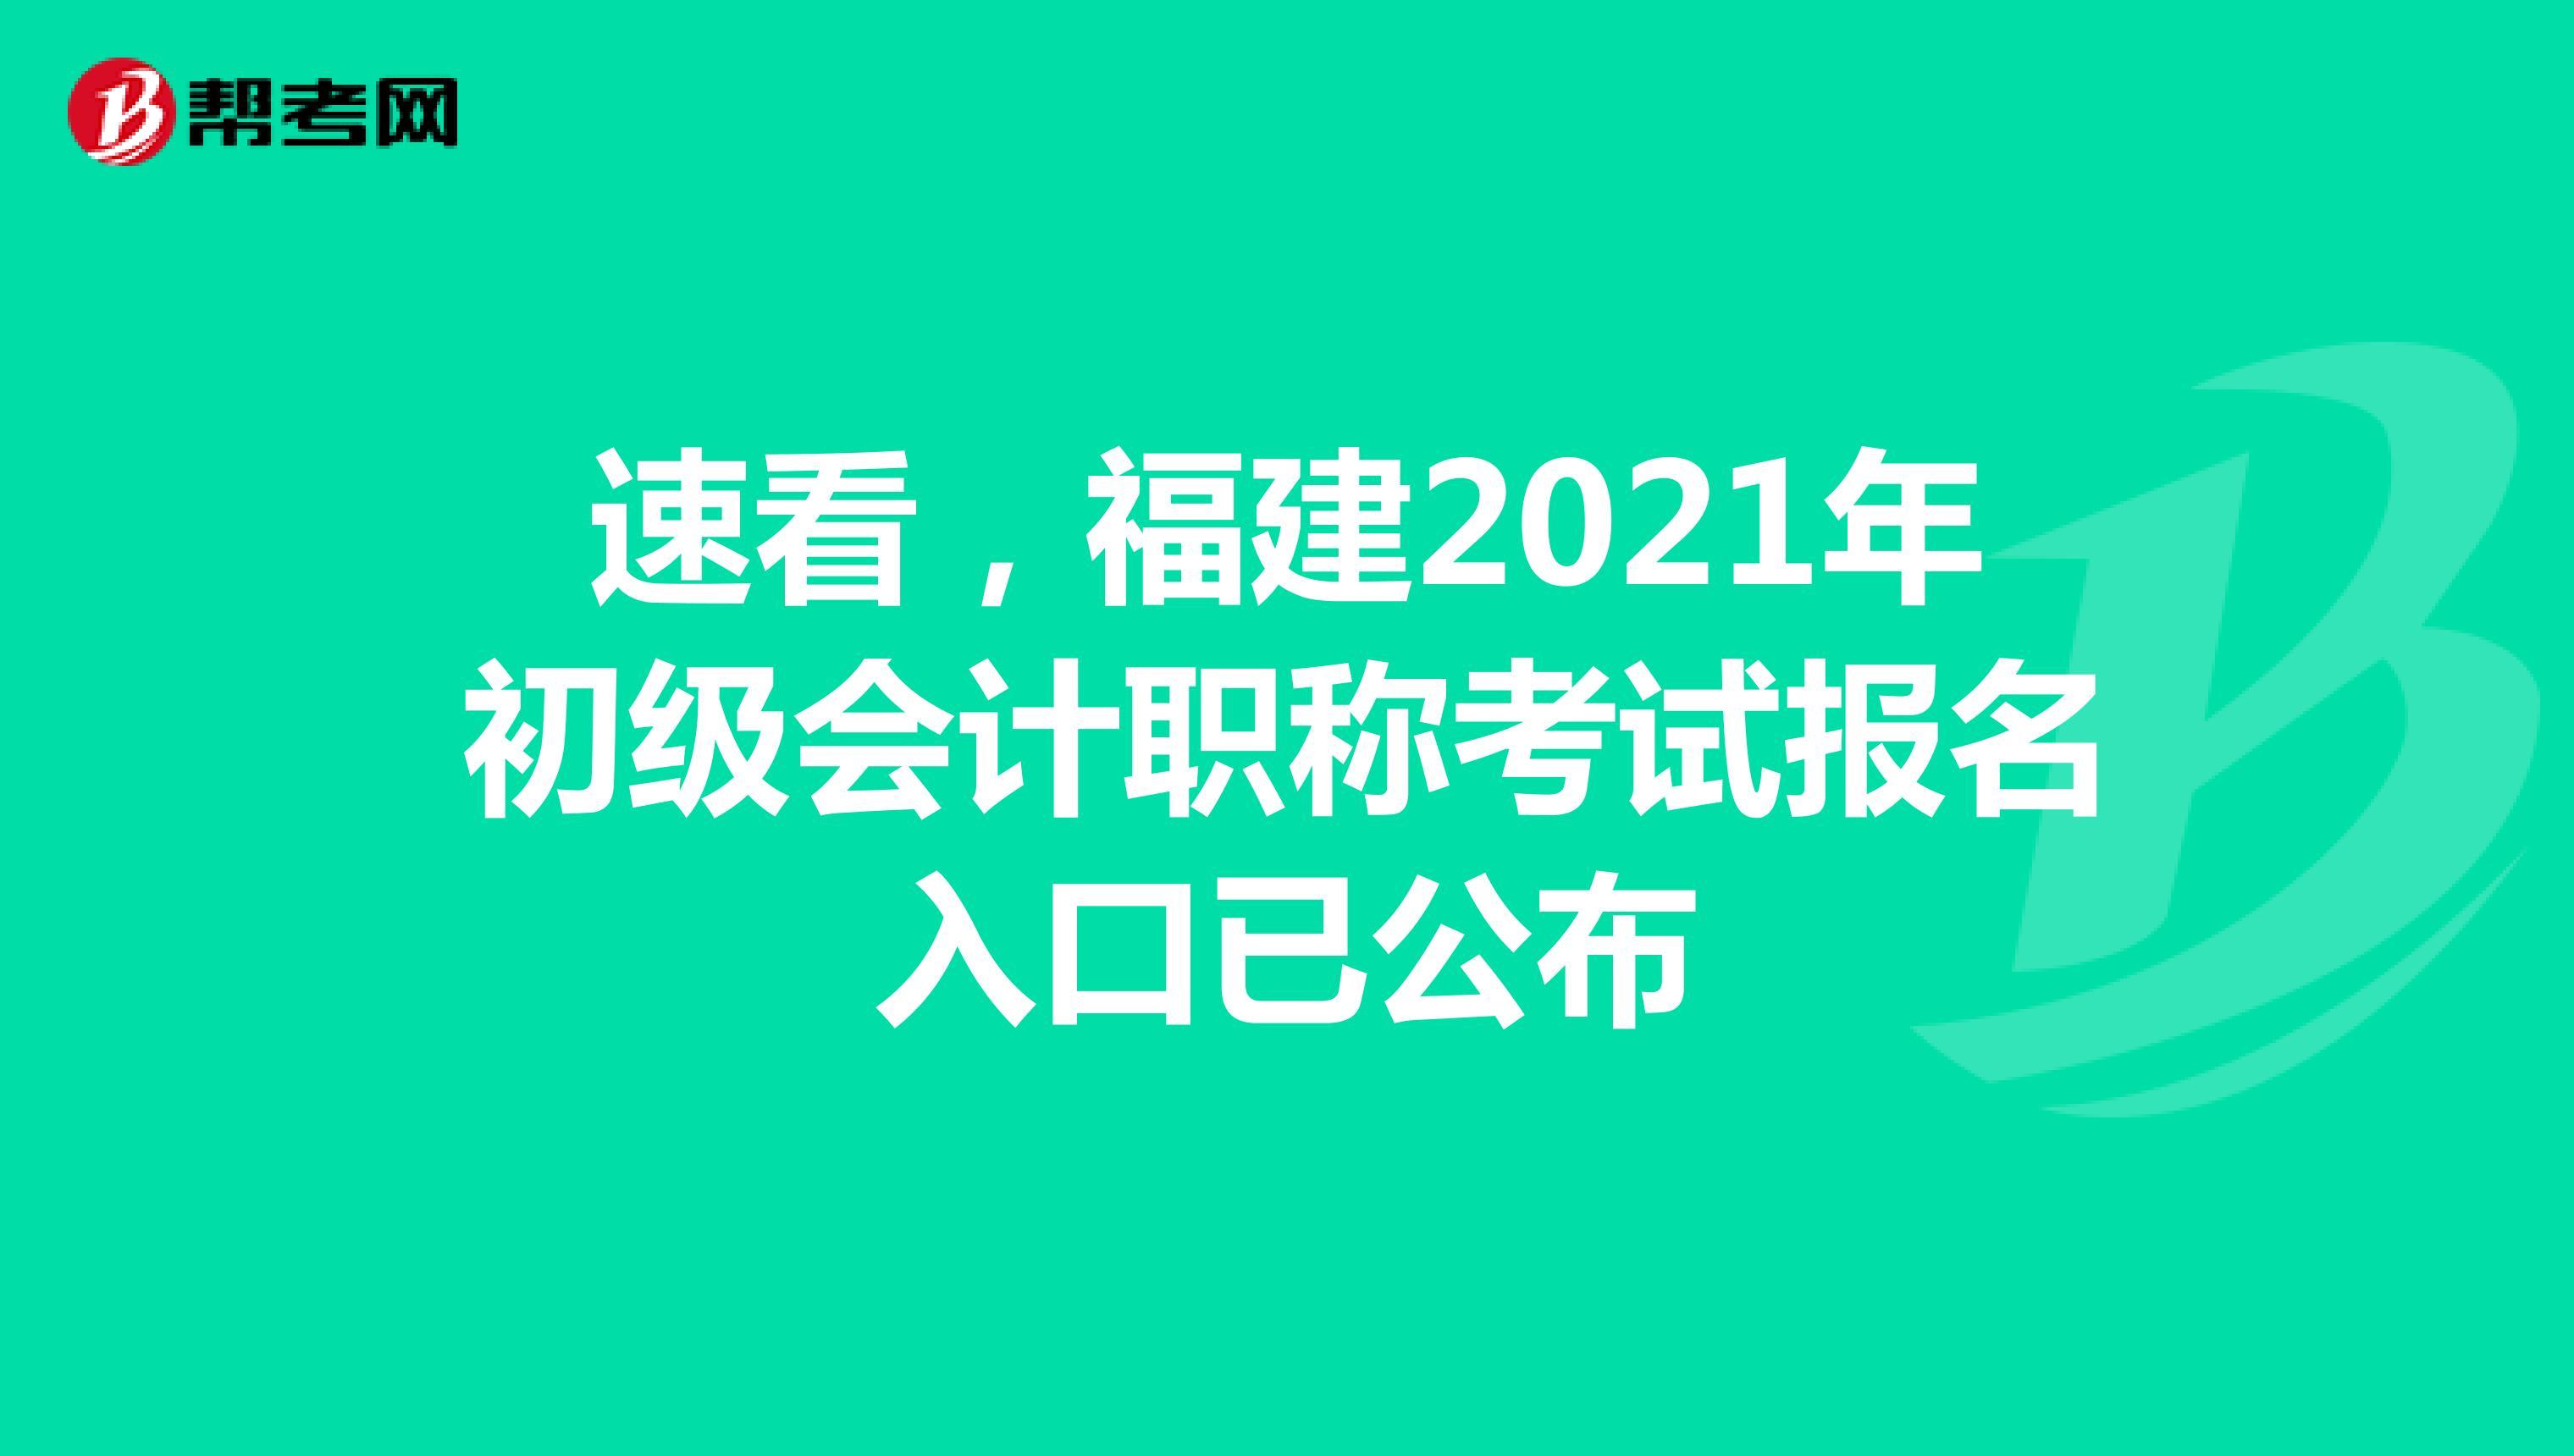 速看,福建2021年(威廉希尔指数欧500指数)初级会计app考试报名入口已公布